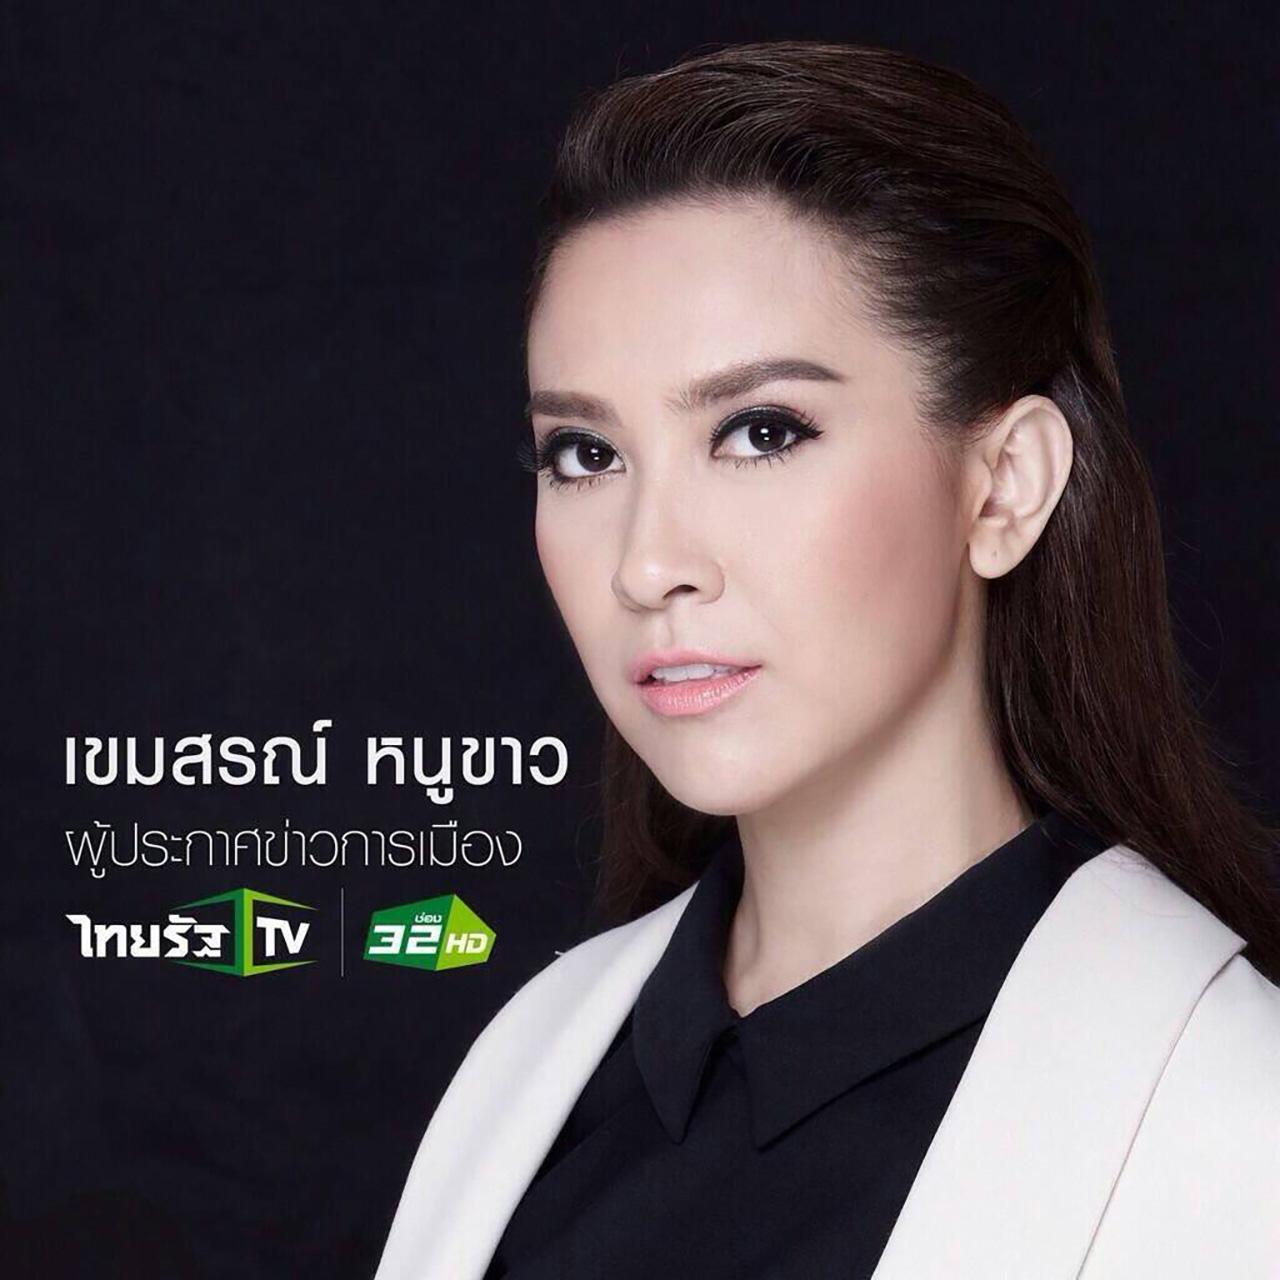 ผู้ประกาศข่าวไทยรัฐทีวี